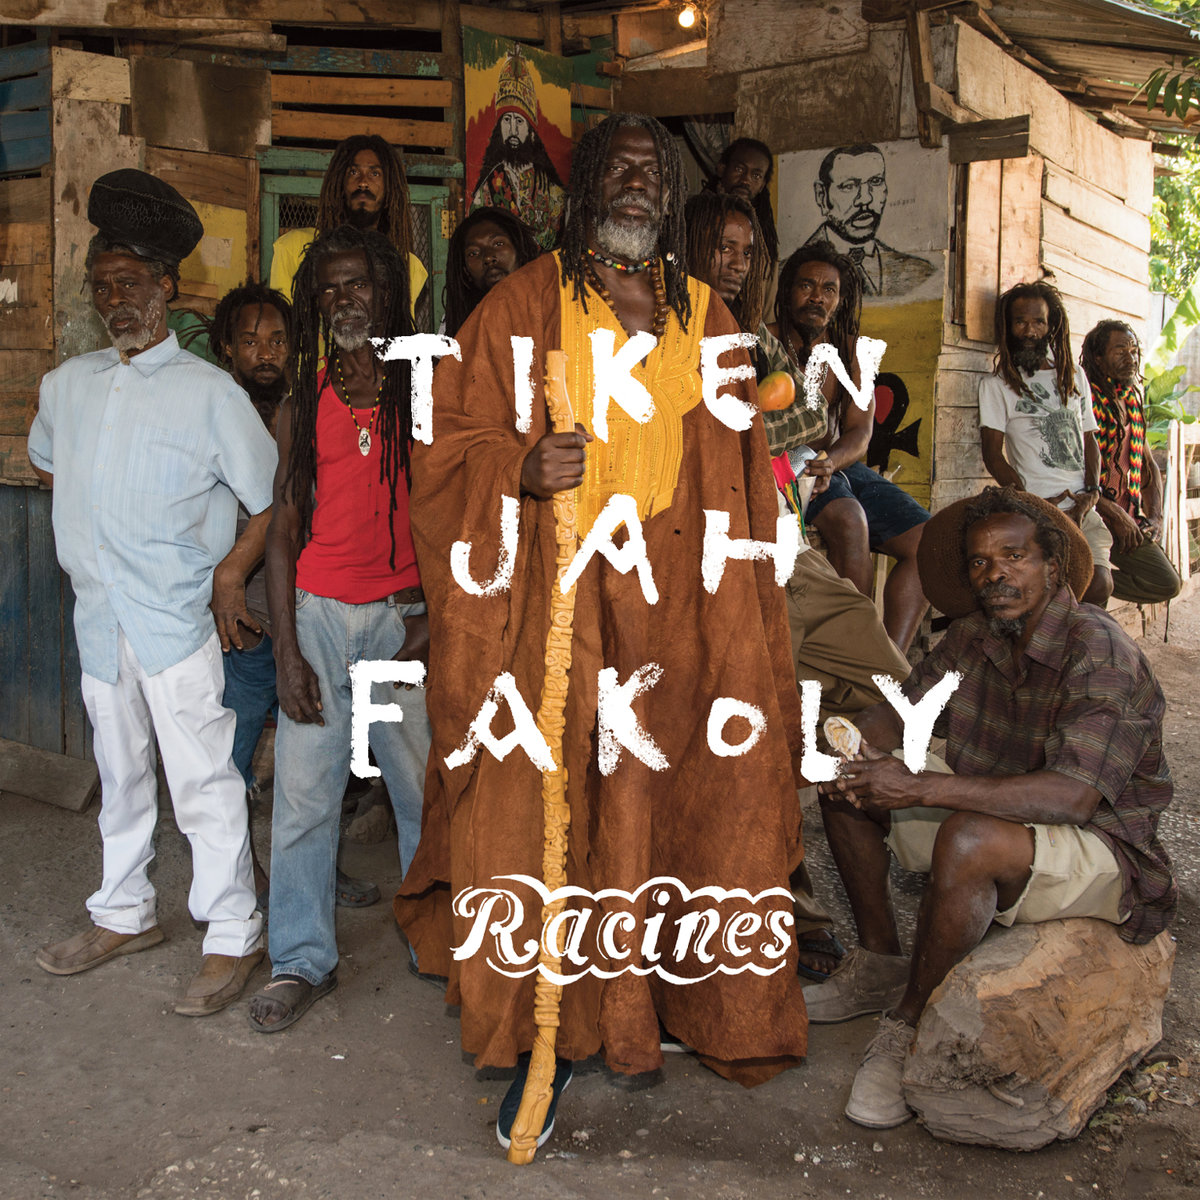 Tiken Jah Fakoly : Racines  - un nouvel album de reggae remade in Africa